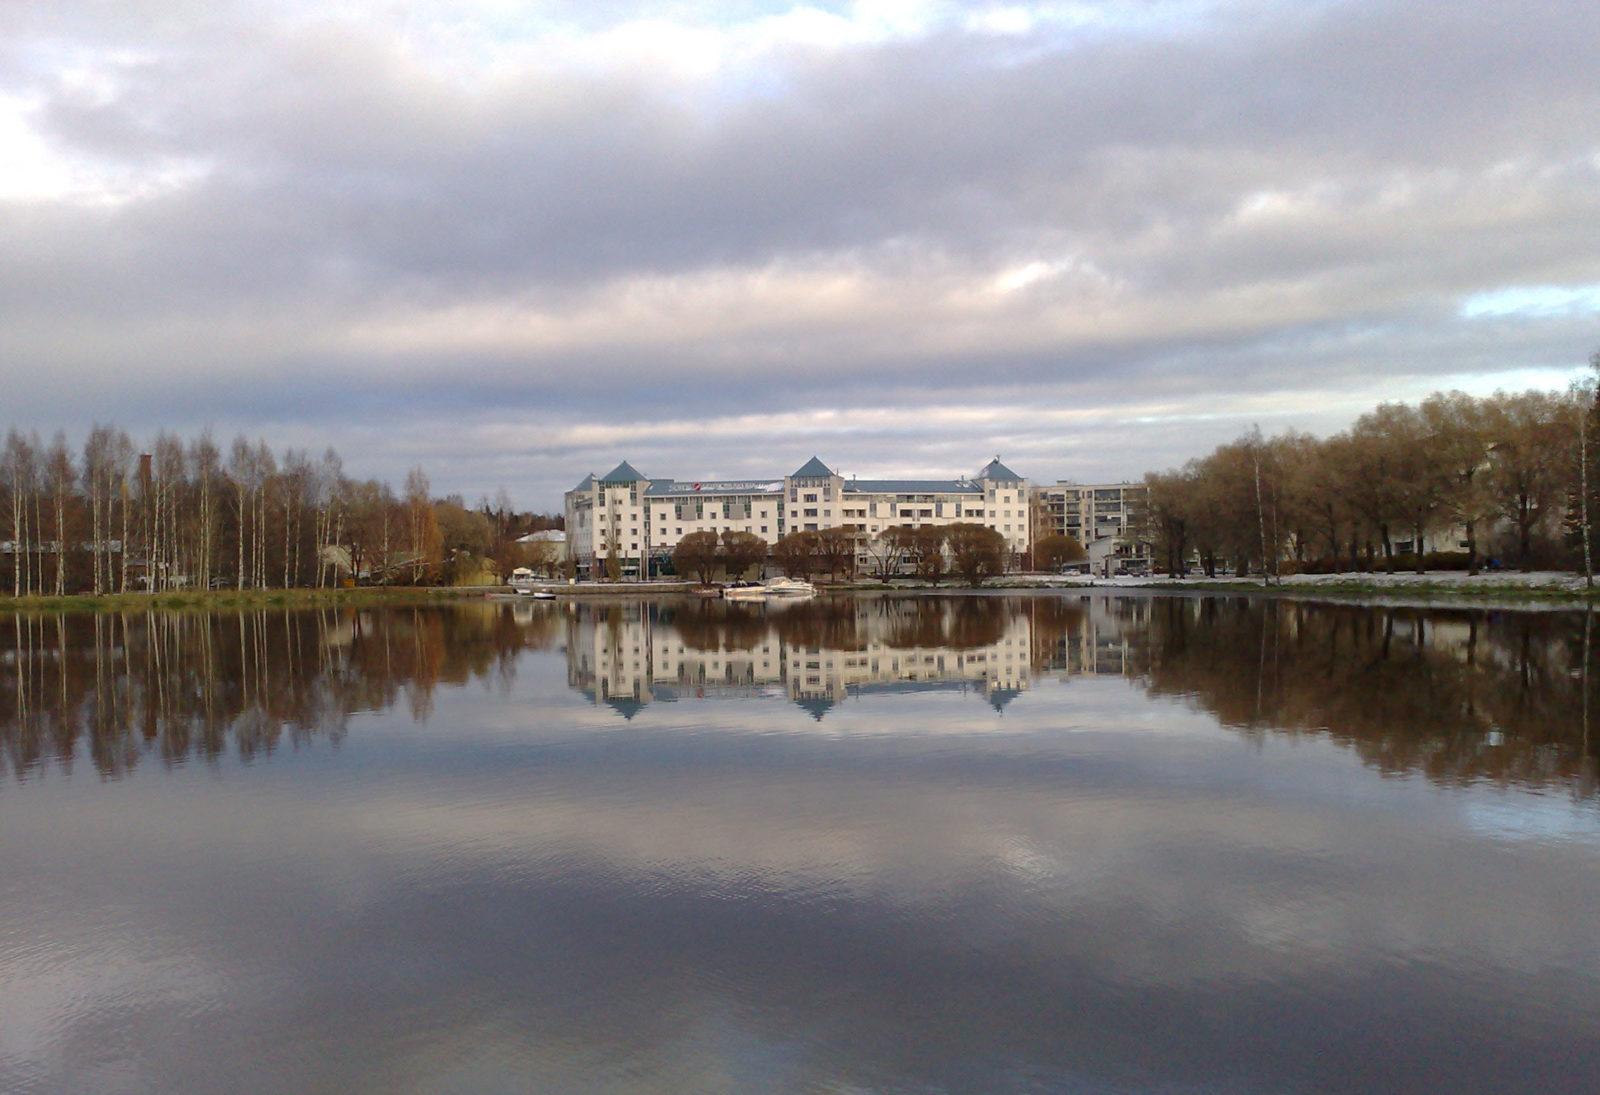 Kuva: Urpo Helenius (CC BY-SA 2.0)